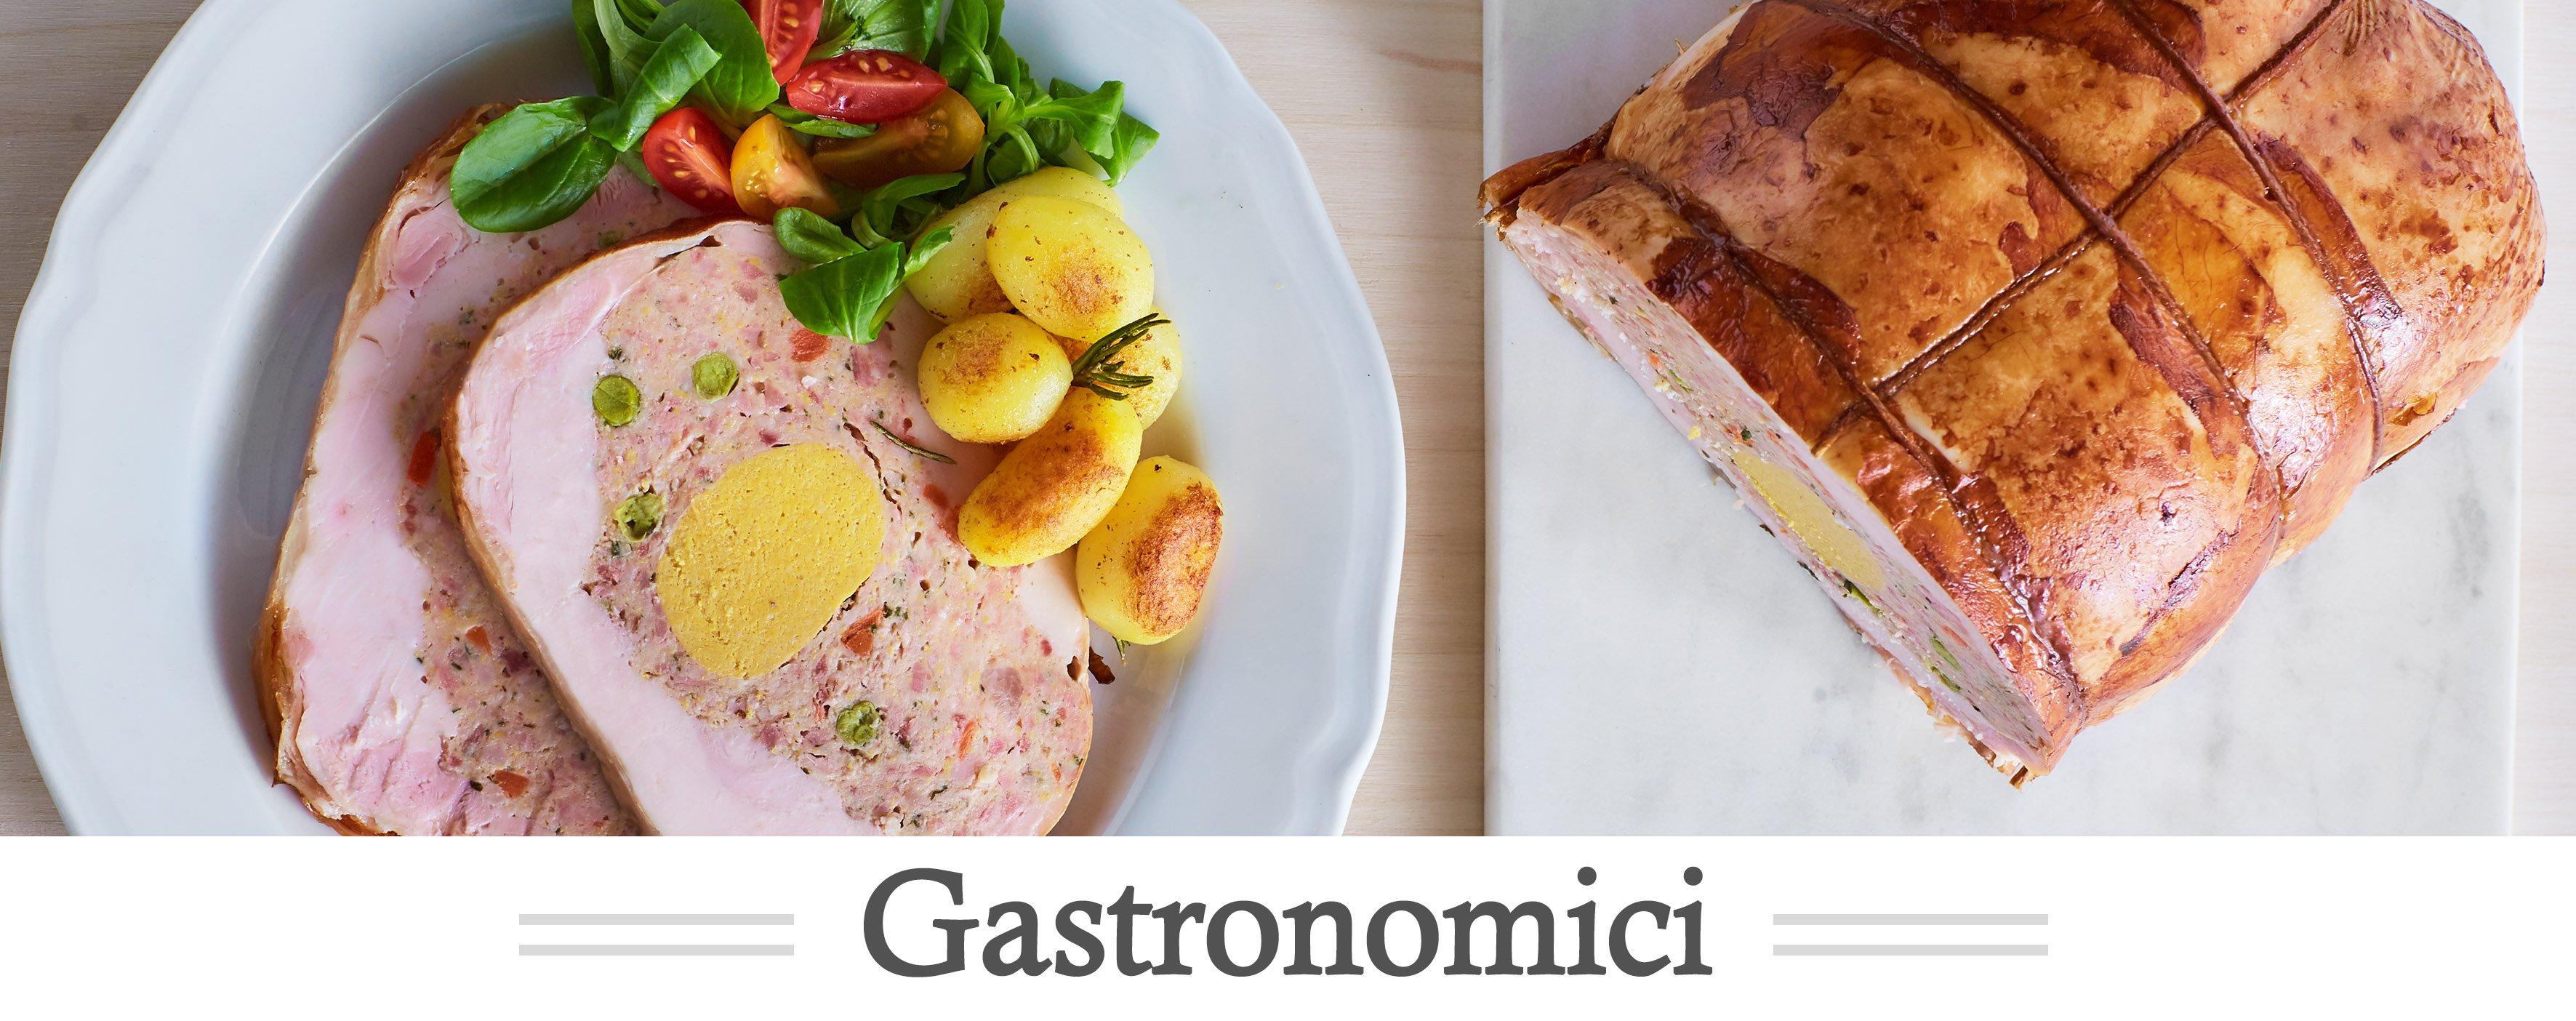 GASTRONOMICI: L'artigianalità nel piatto